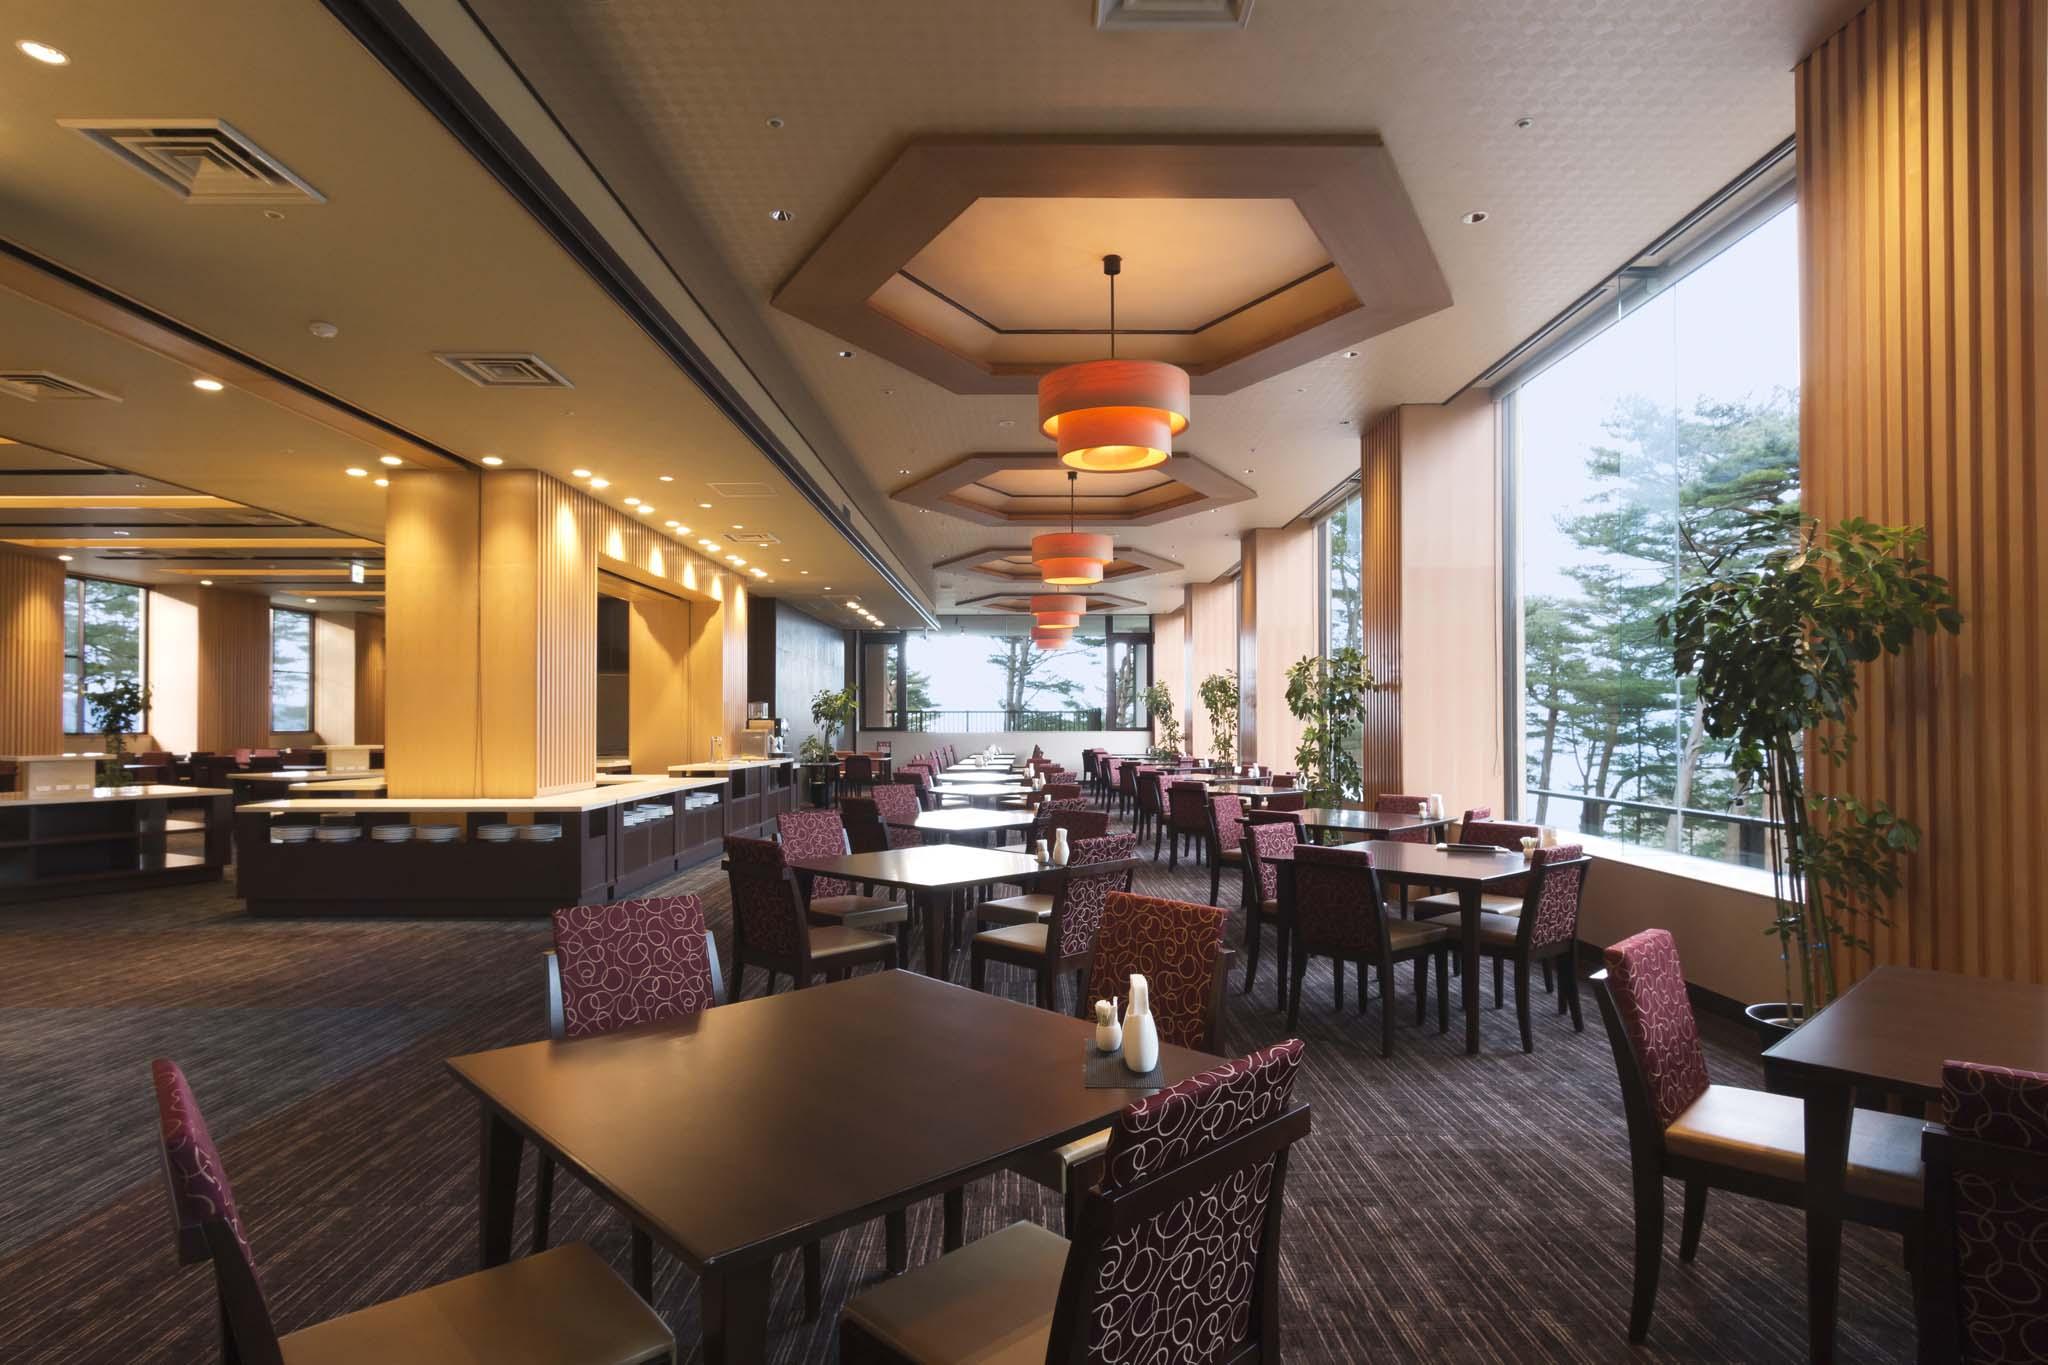 ダイニングレストラン最東端 赤松越しに宮古湾を眺めながらの食事を楽しむことができるダイニング・レストラン。